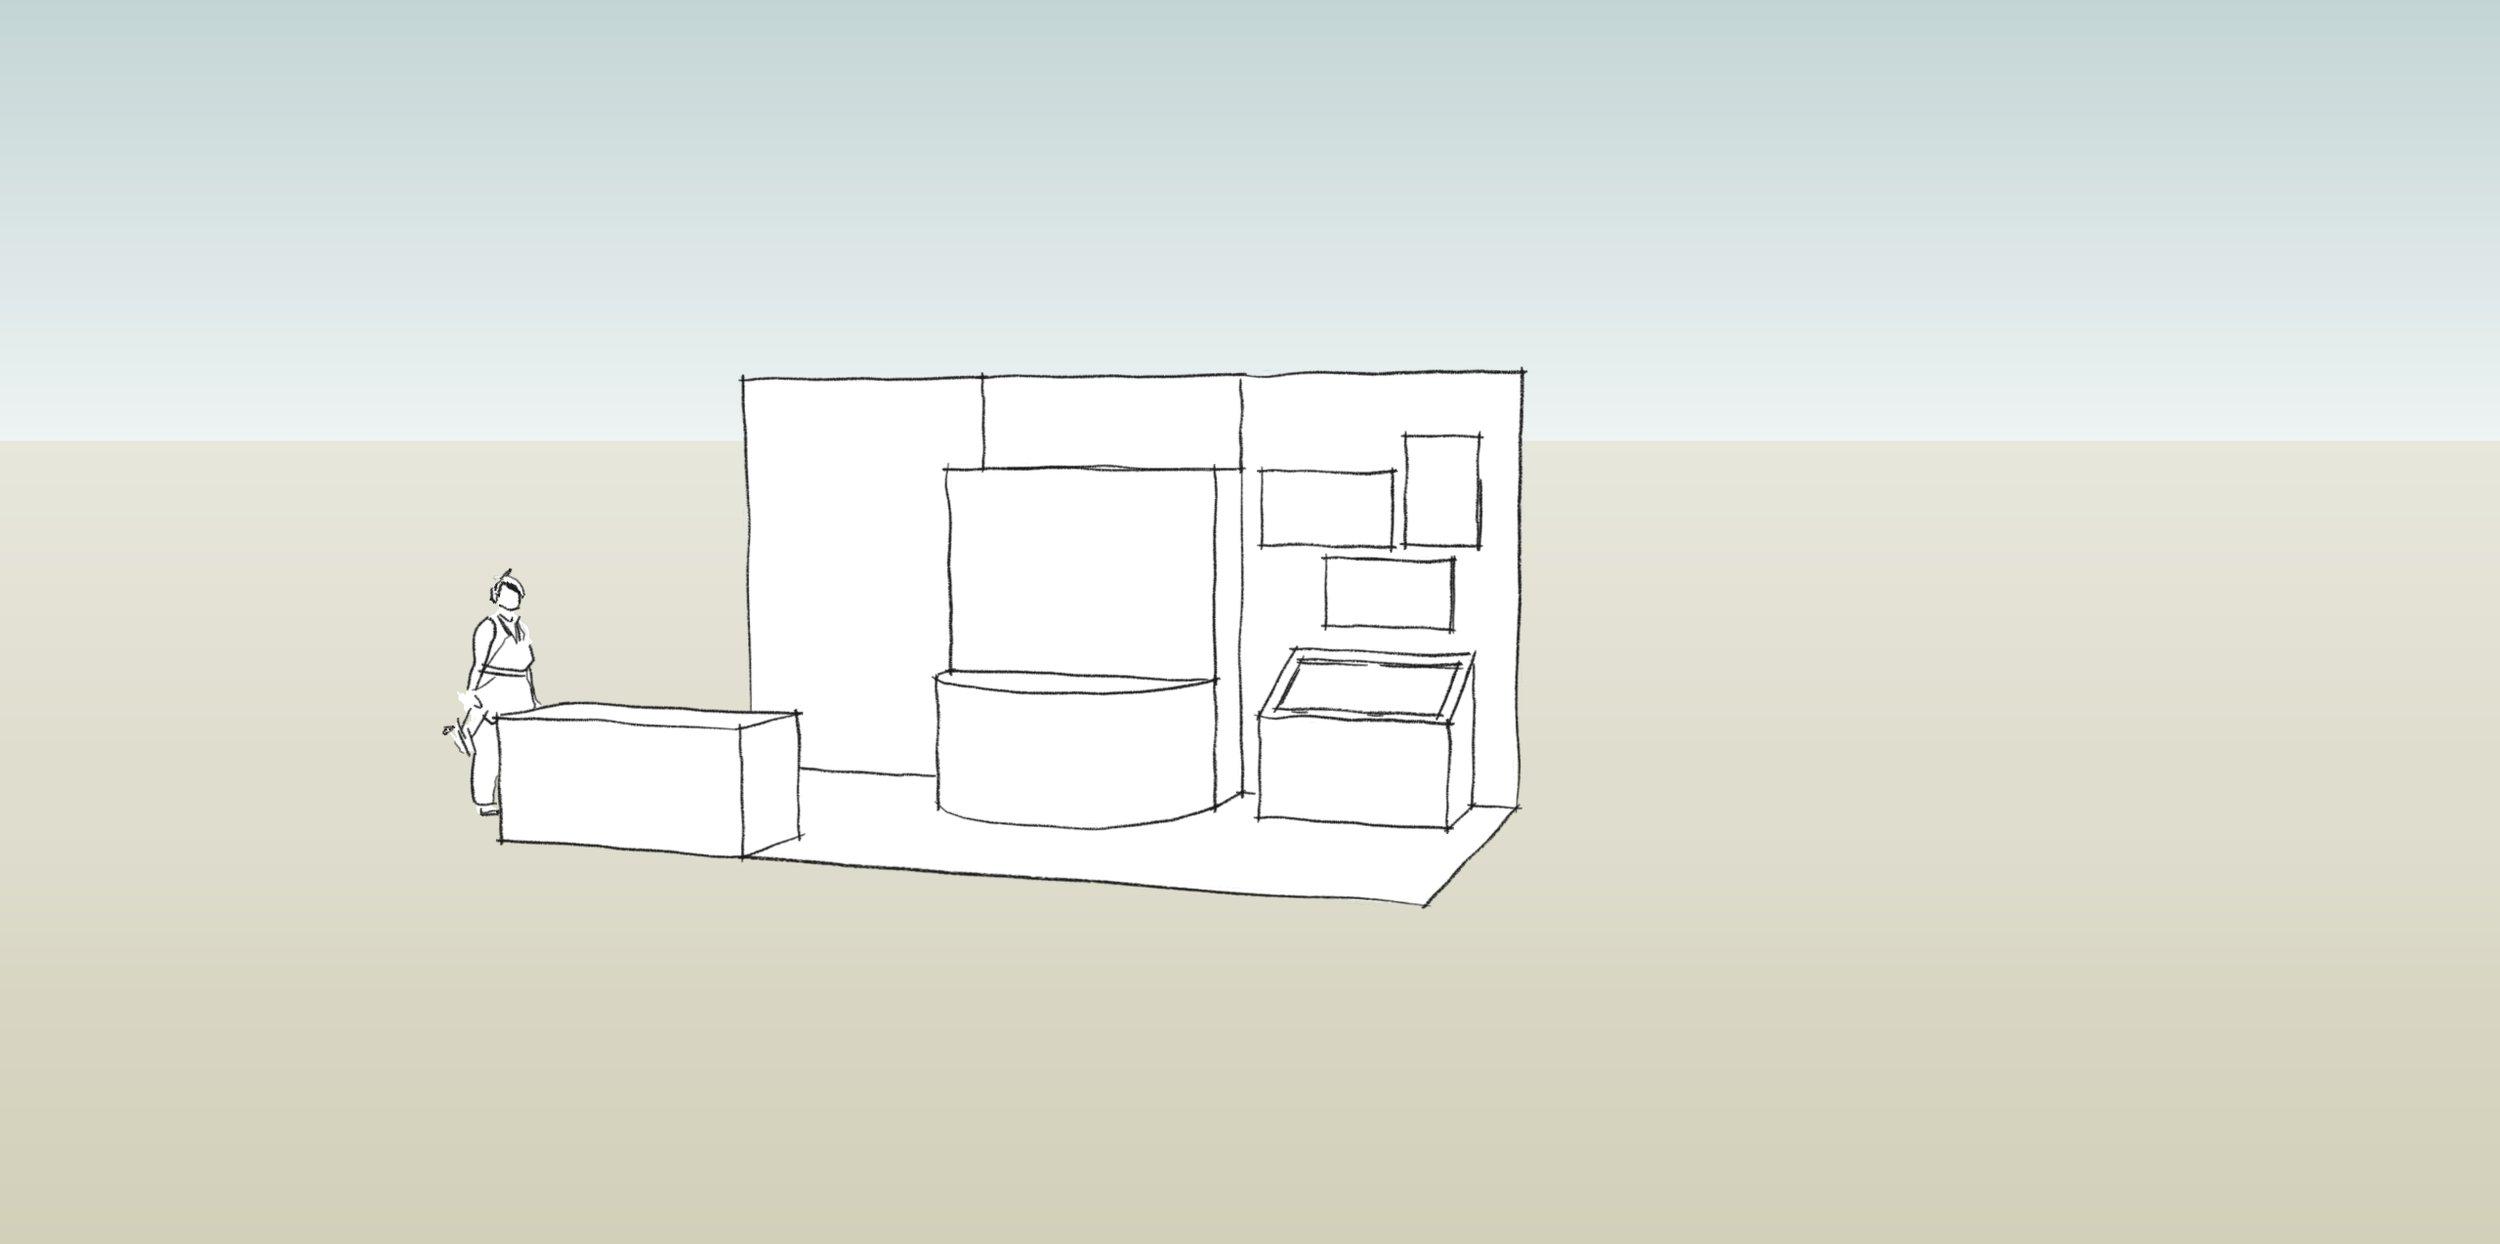 prototype_1.jpg